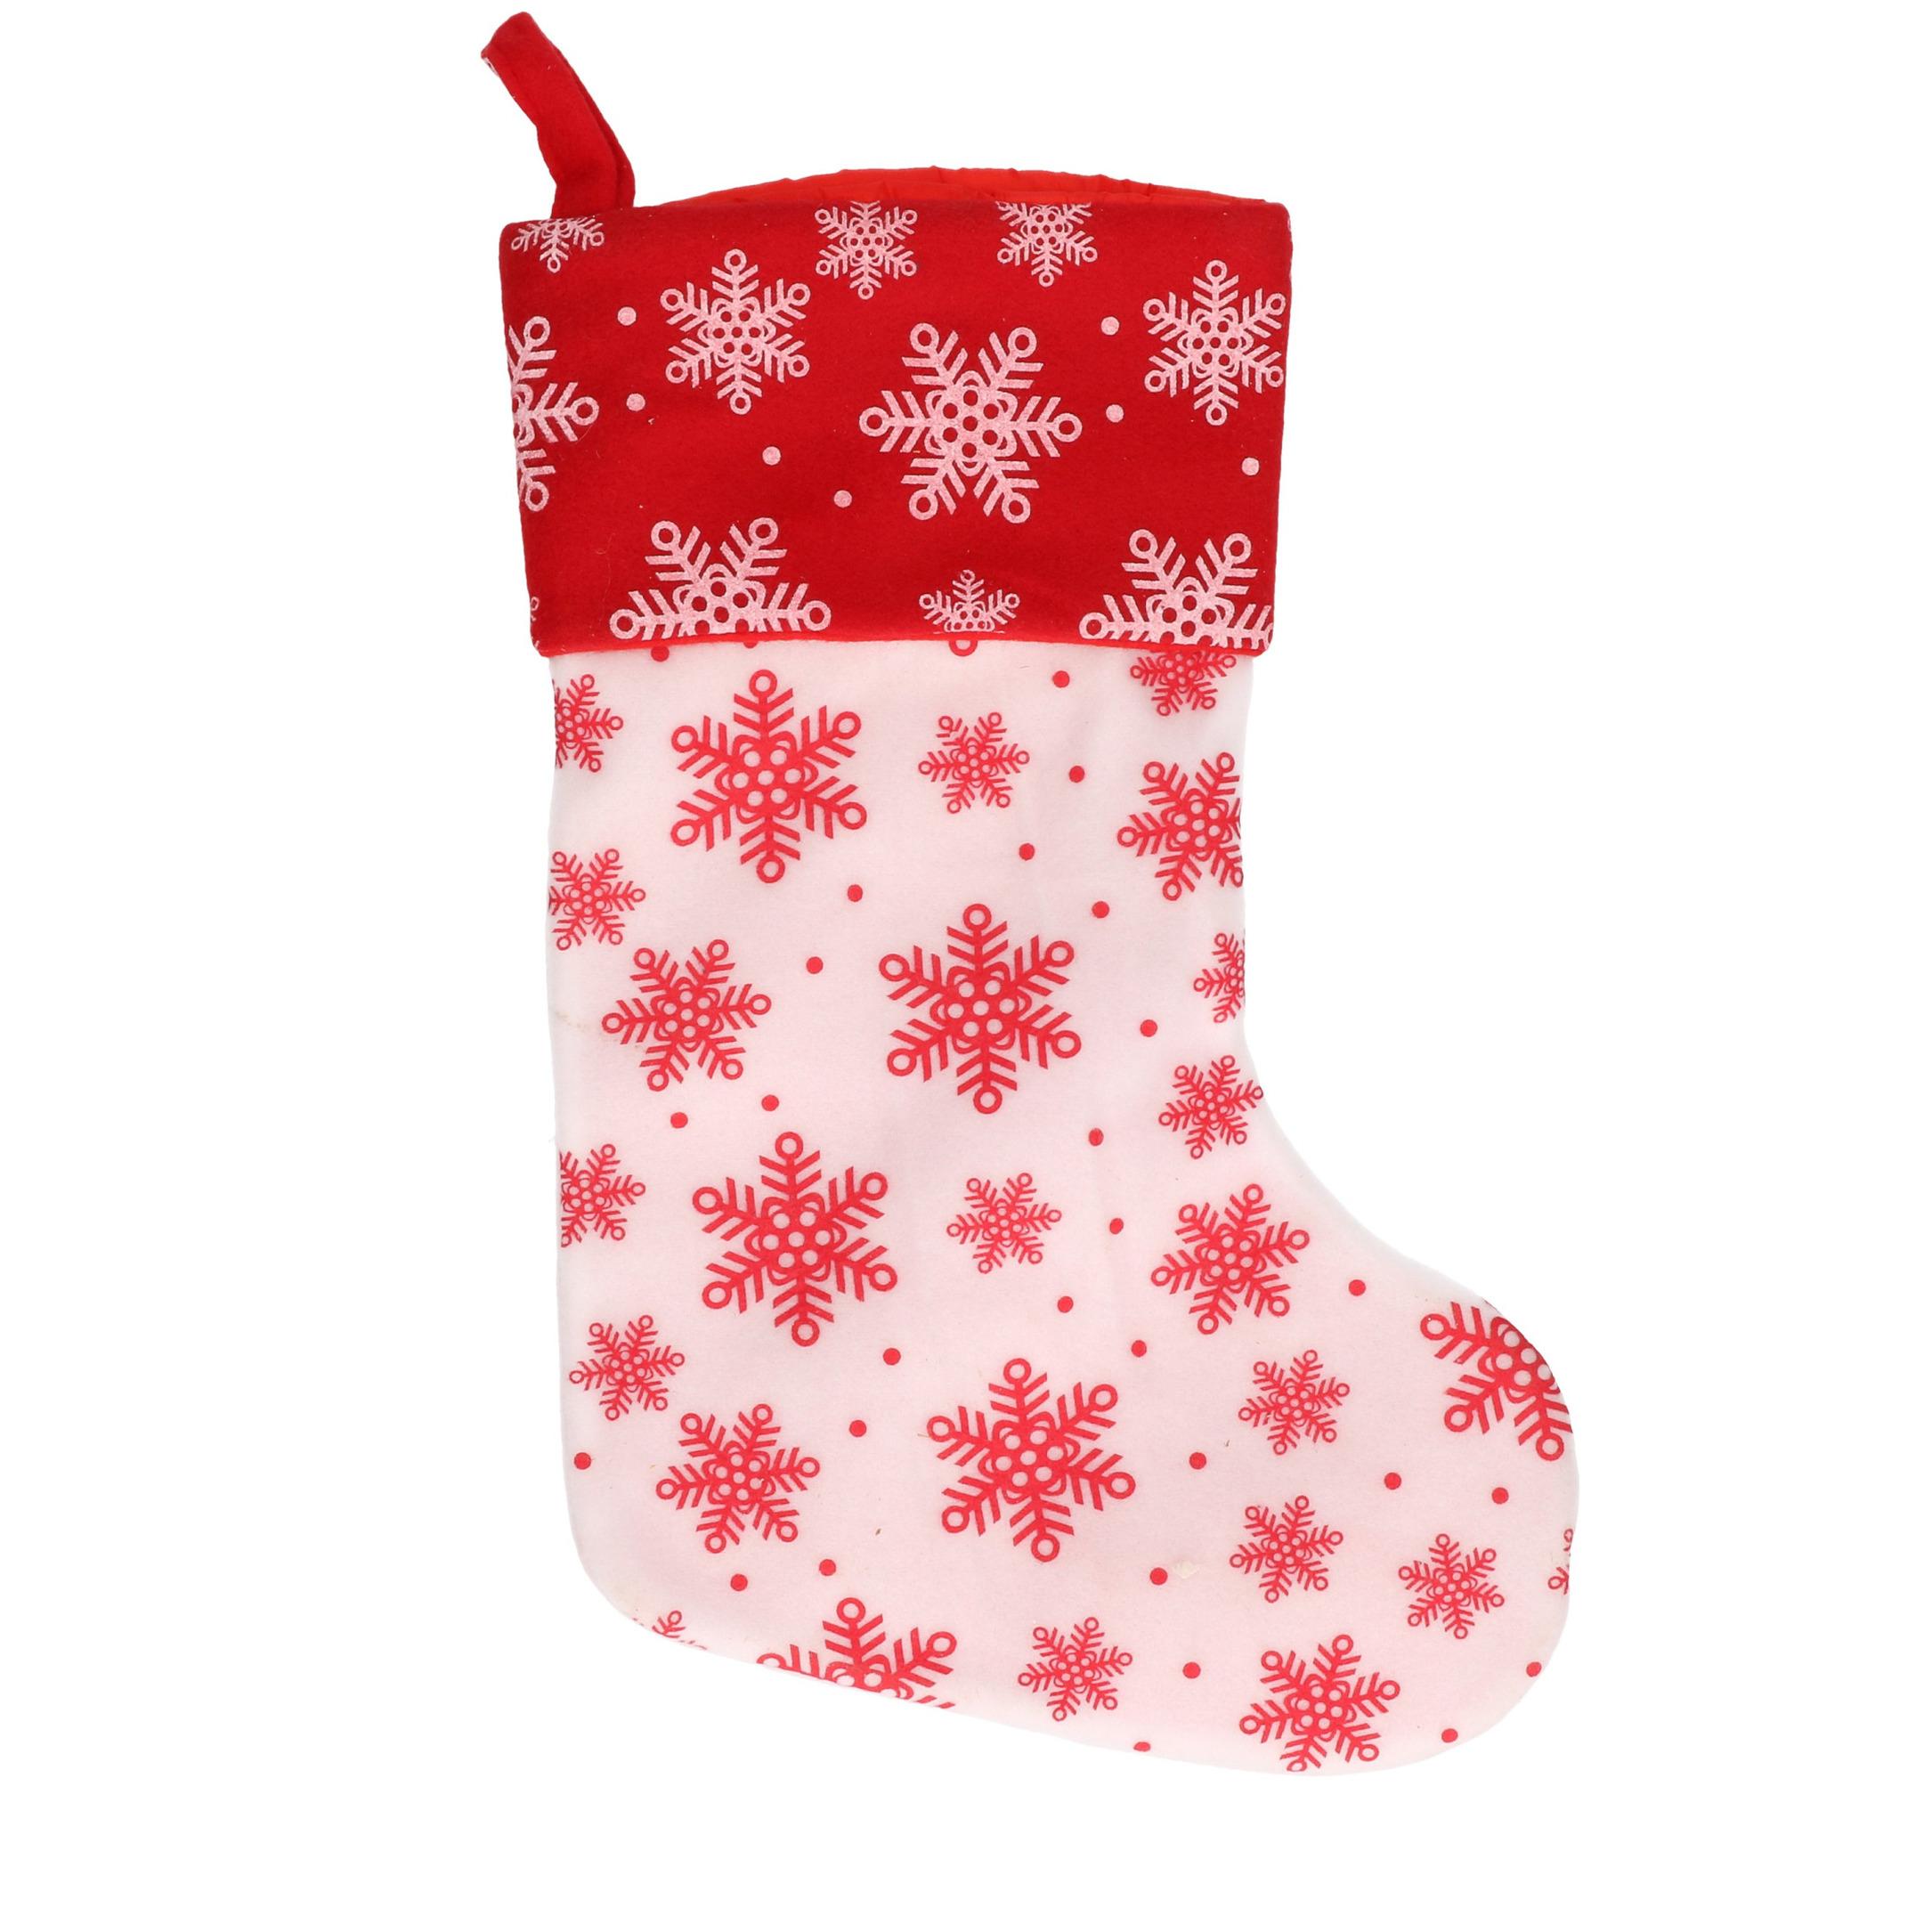 1x Wit-rode kerstsokken met sneeuwvlokken print 40 cm